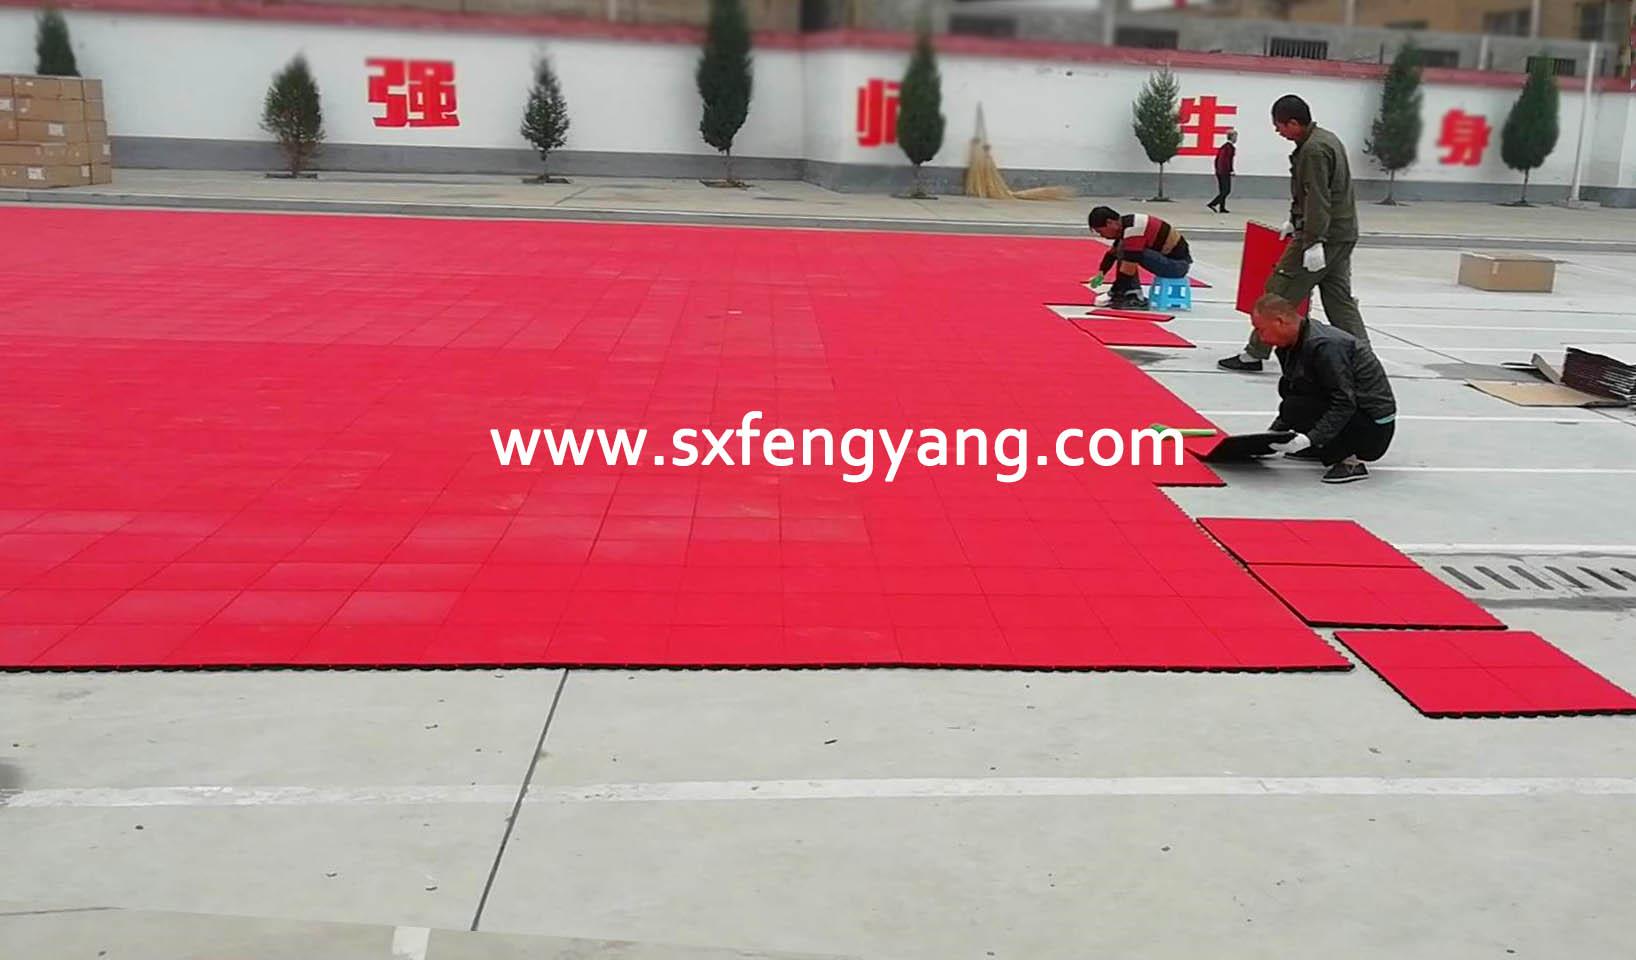 氟橡塑拼装地板施工工艺